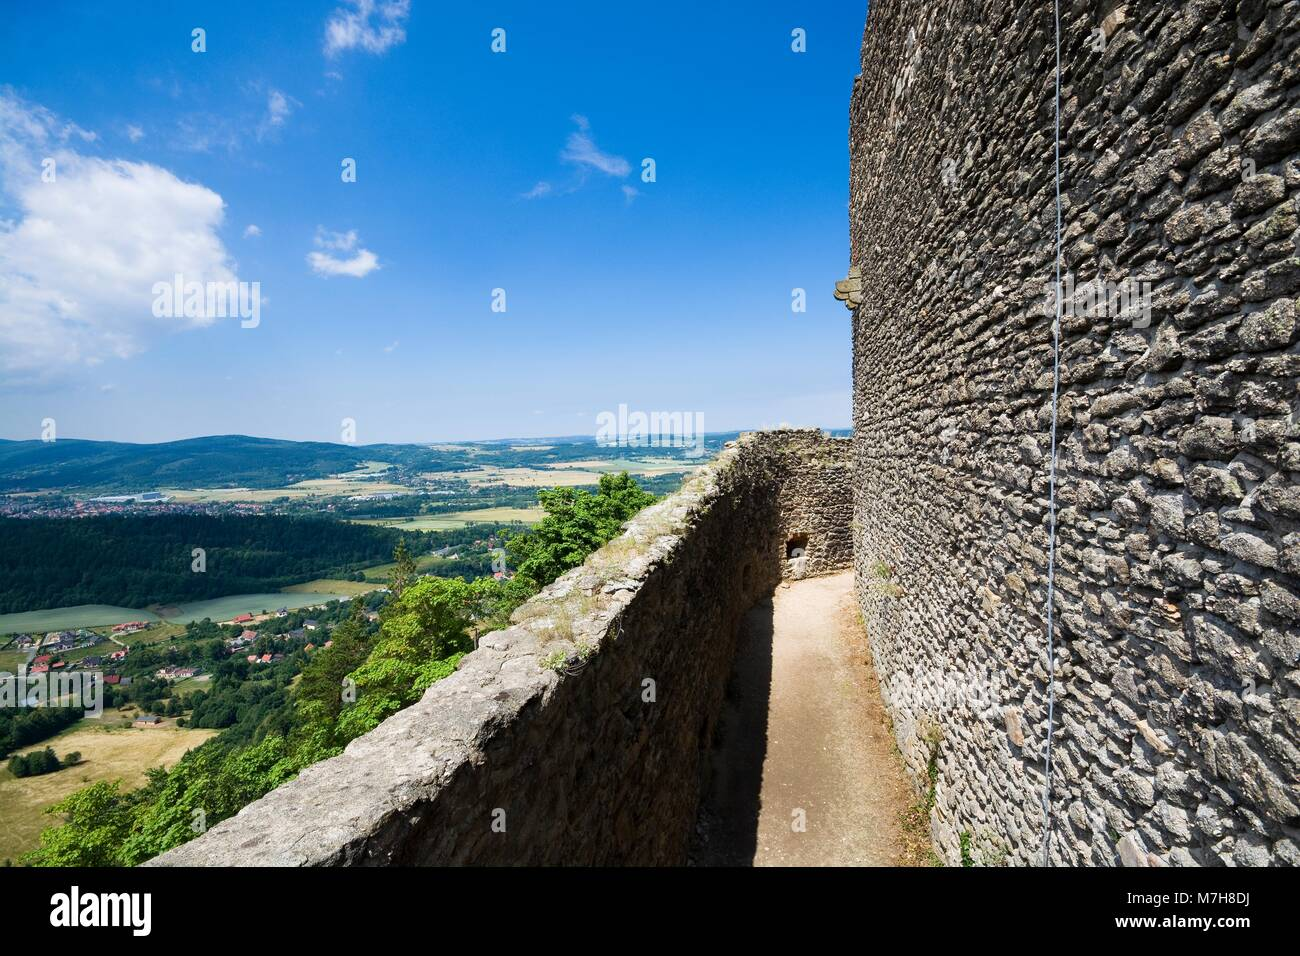 Vue des ruines du château Chojnik médiéval situé en haut d'une colline recouverte de forêt à Jelenia Gora, Pologne Banque D'Images